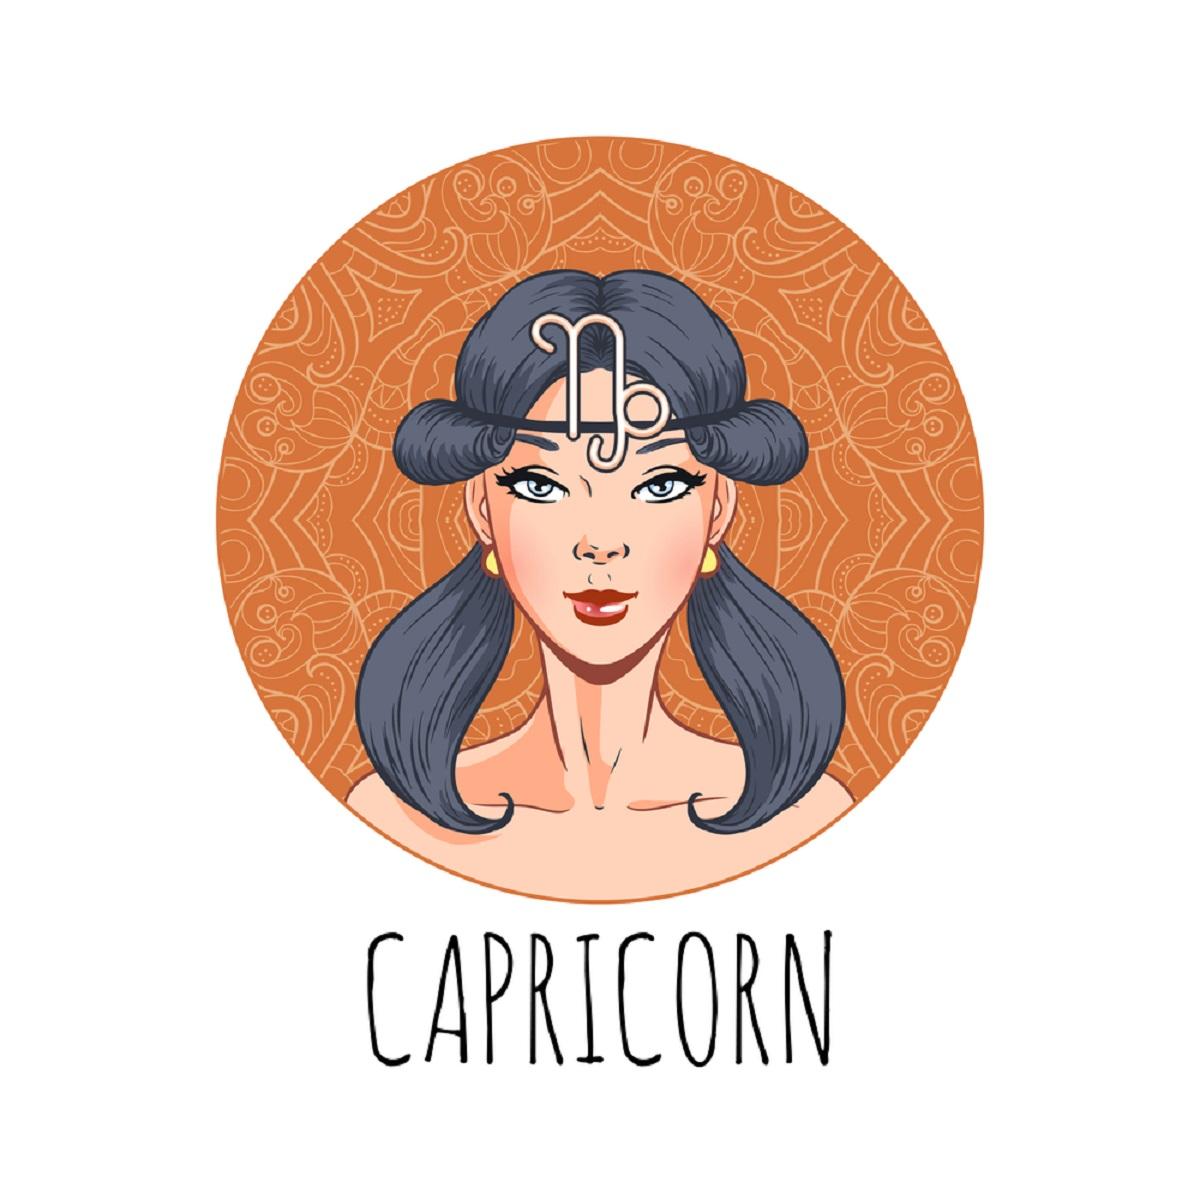 o femeie frumoasă care stă într-un cadran portocaliu și reprezintă zodia capricornului